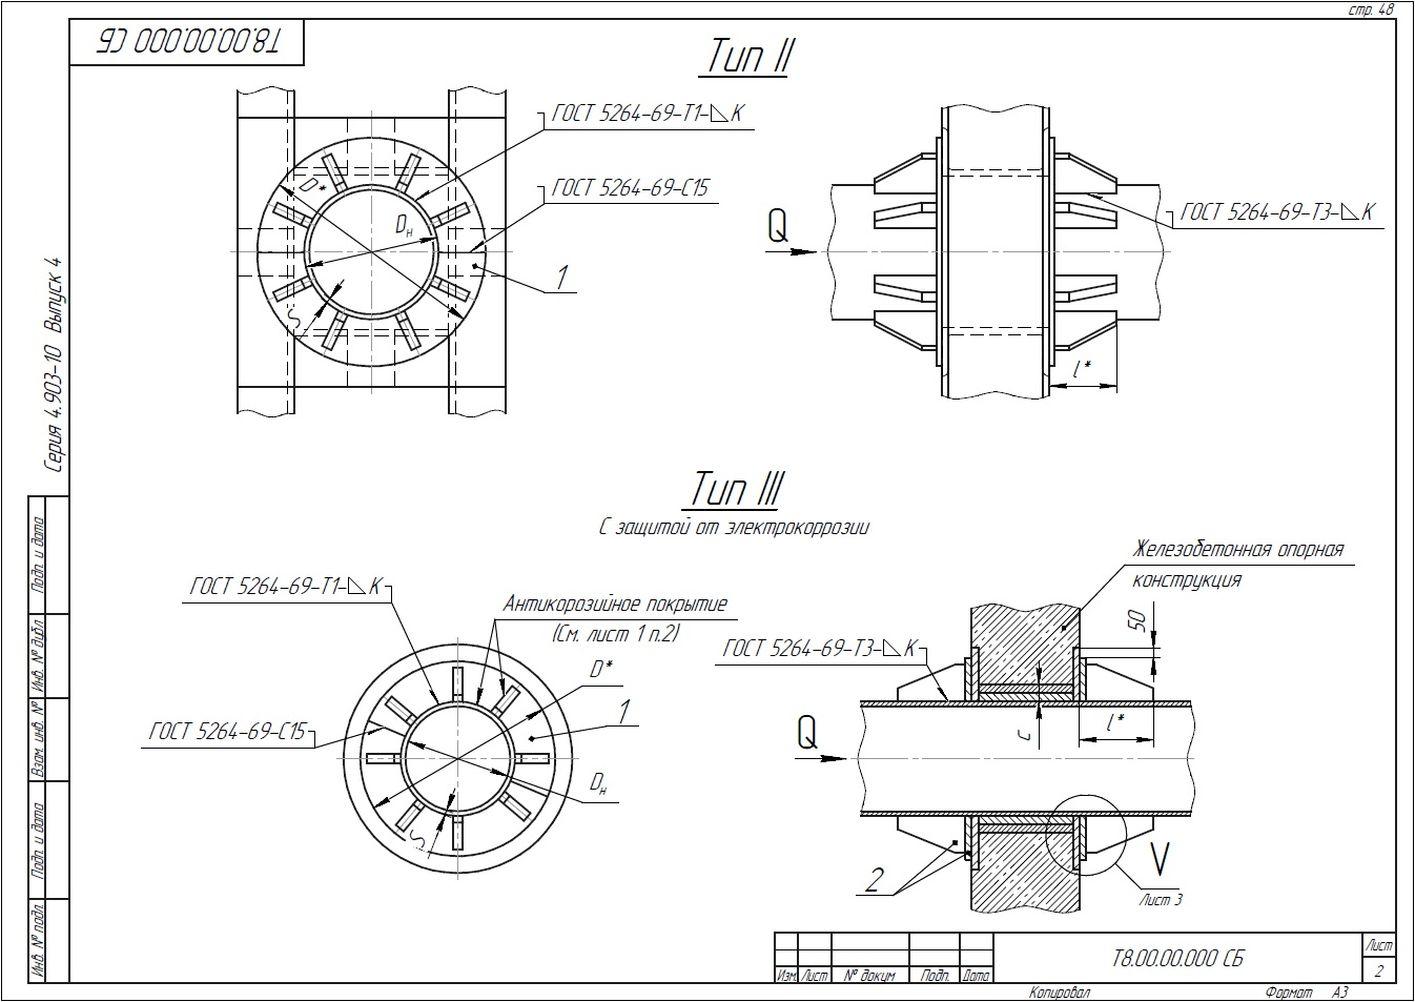 Опора неподвижная щитовая Т8 серия 4.903-10 вып.4 стр.2